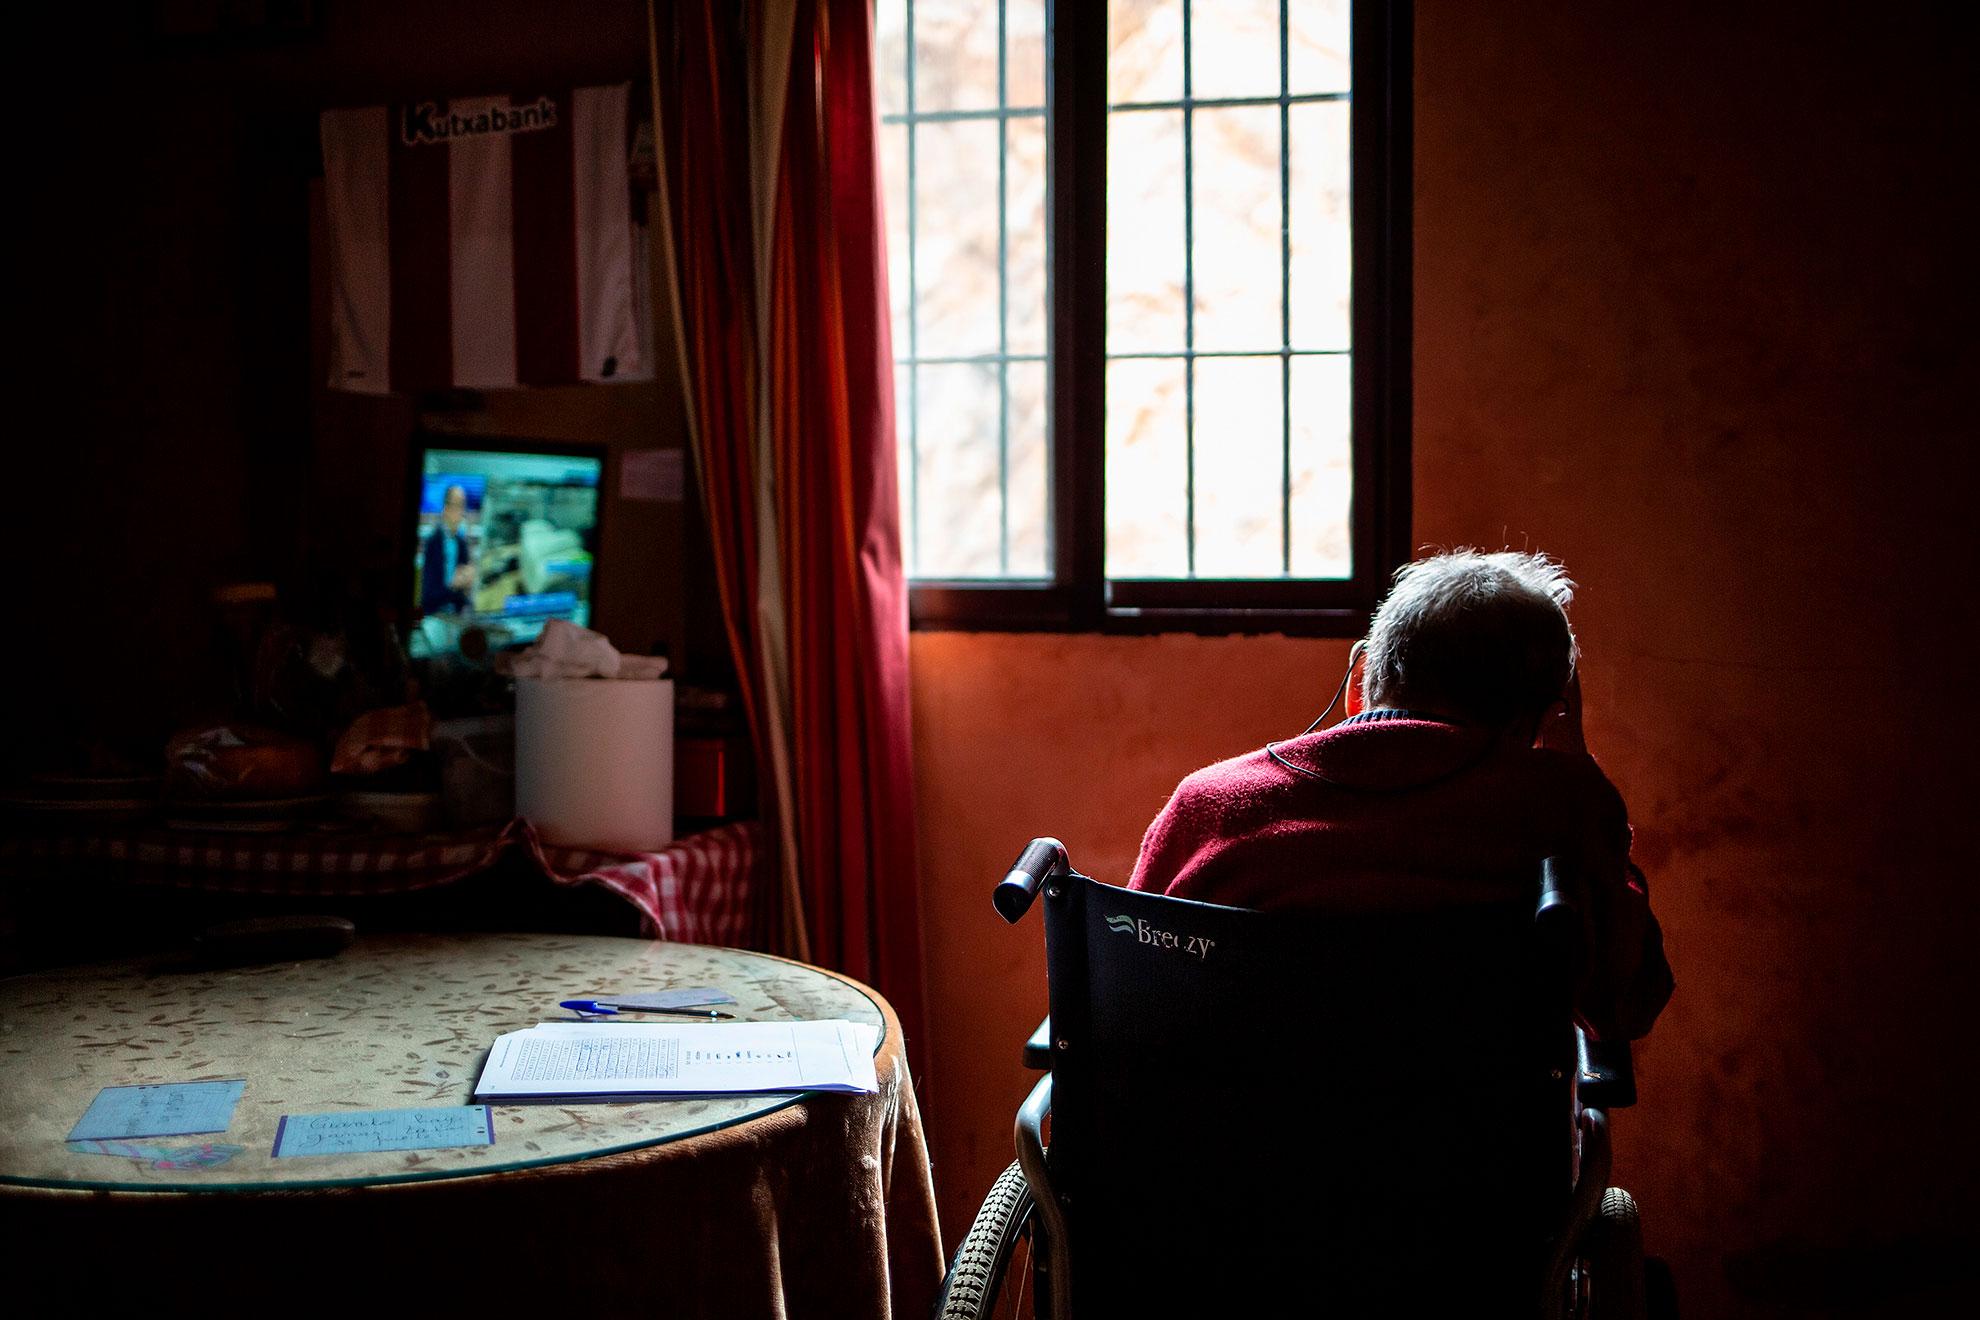 """Hoy vuelvo a visitar al abuelo José en su casa de Sevilla. Van pesando en el ánimo los días largos de reclusión, de pasar mucho tiempo sólo. De las peores cosas que esta pandemia provoca, son la soledad y aislamiento de los mayores. José continúa con la rutina diaria. Acaba de terminar su sopa de letras, donde la primera palabra que encontró fue """"Esperanza"""". De fondo la televisión encendida hablando del COVID19. Nefastas noticias con récord hoy de contagios y muertes en España. El tiempo que no pasa, pero que pasa."""